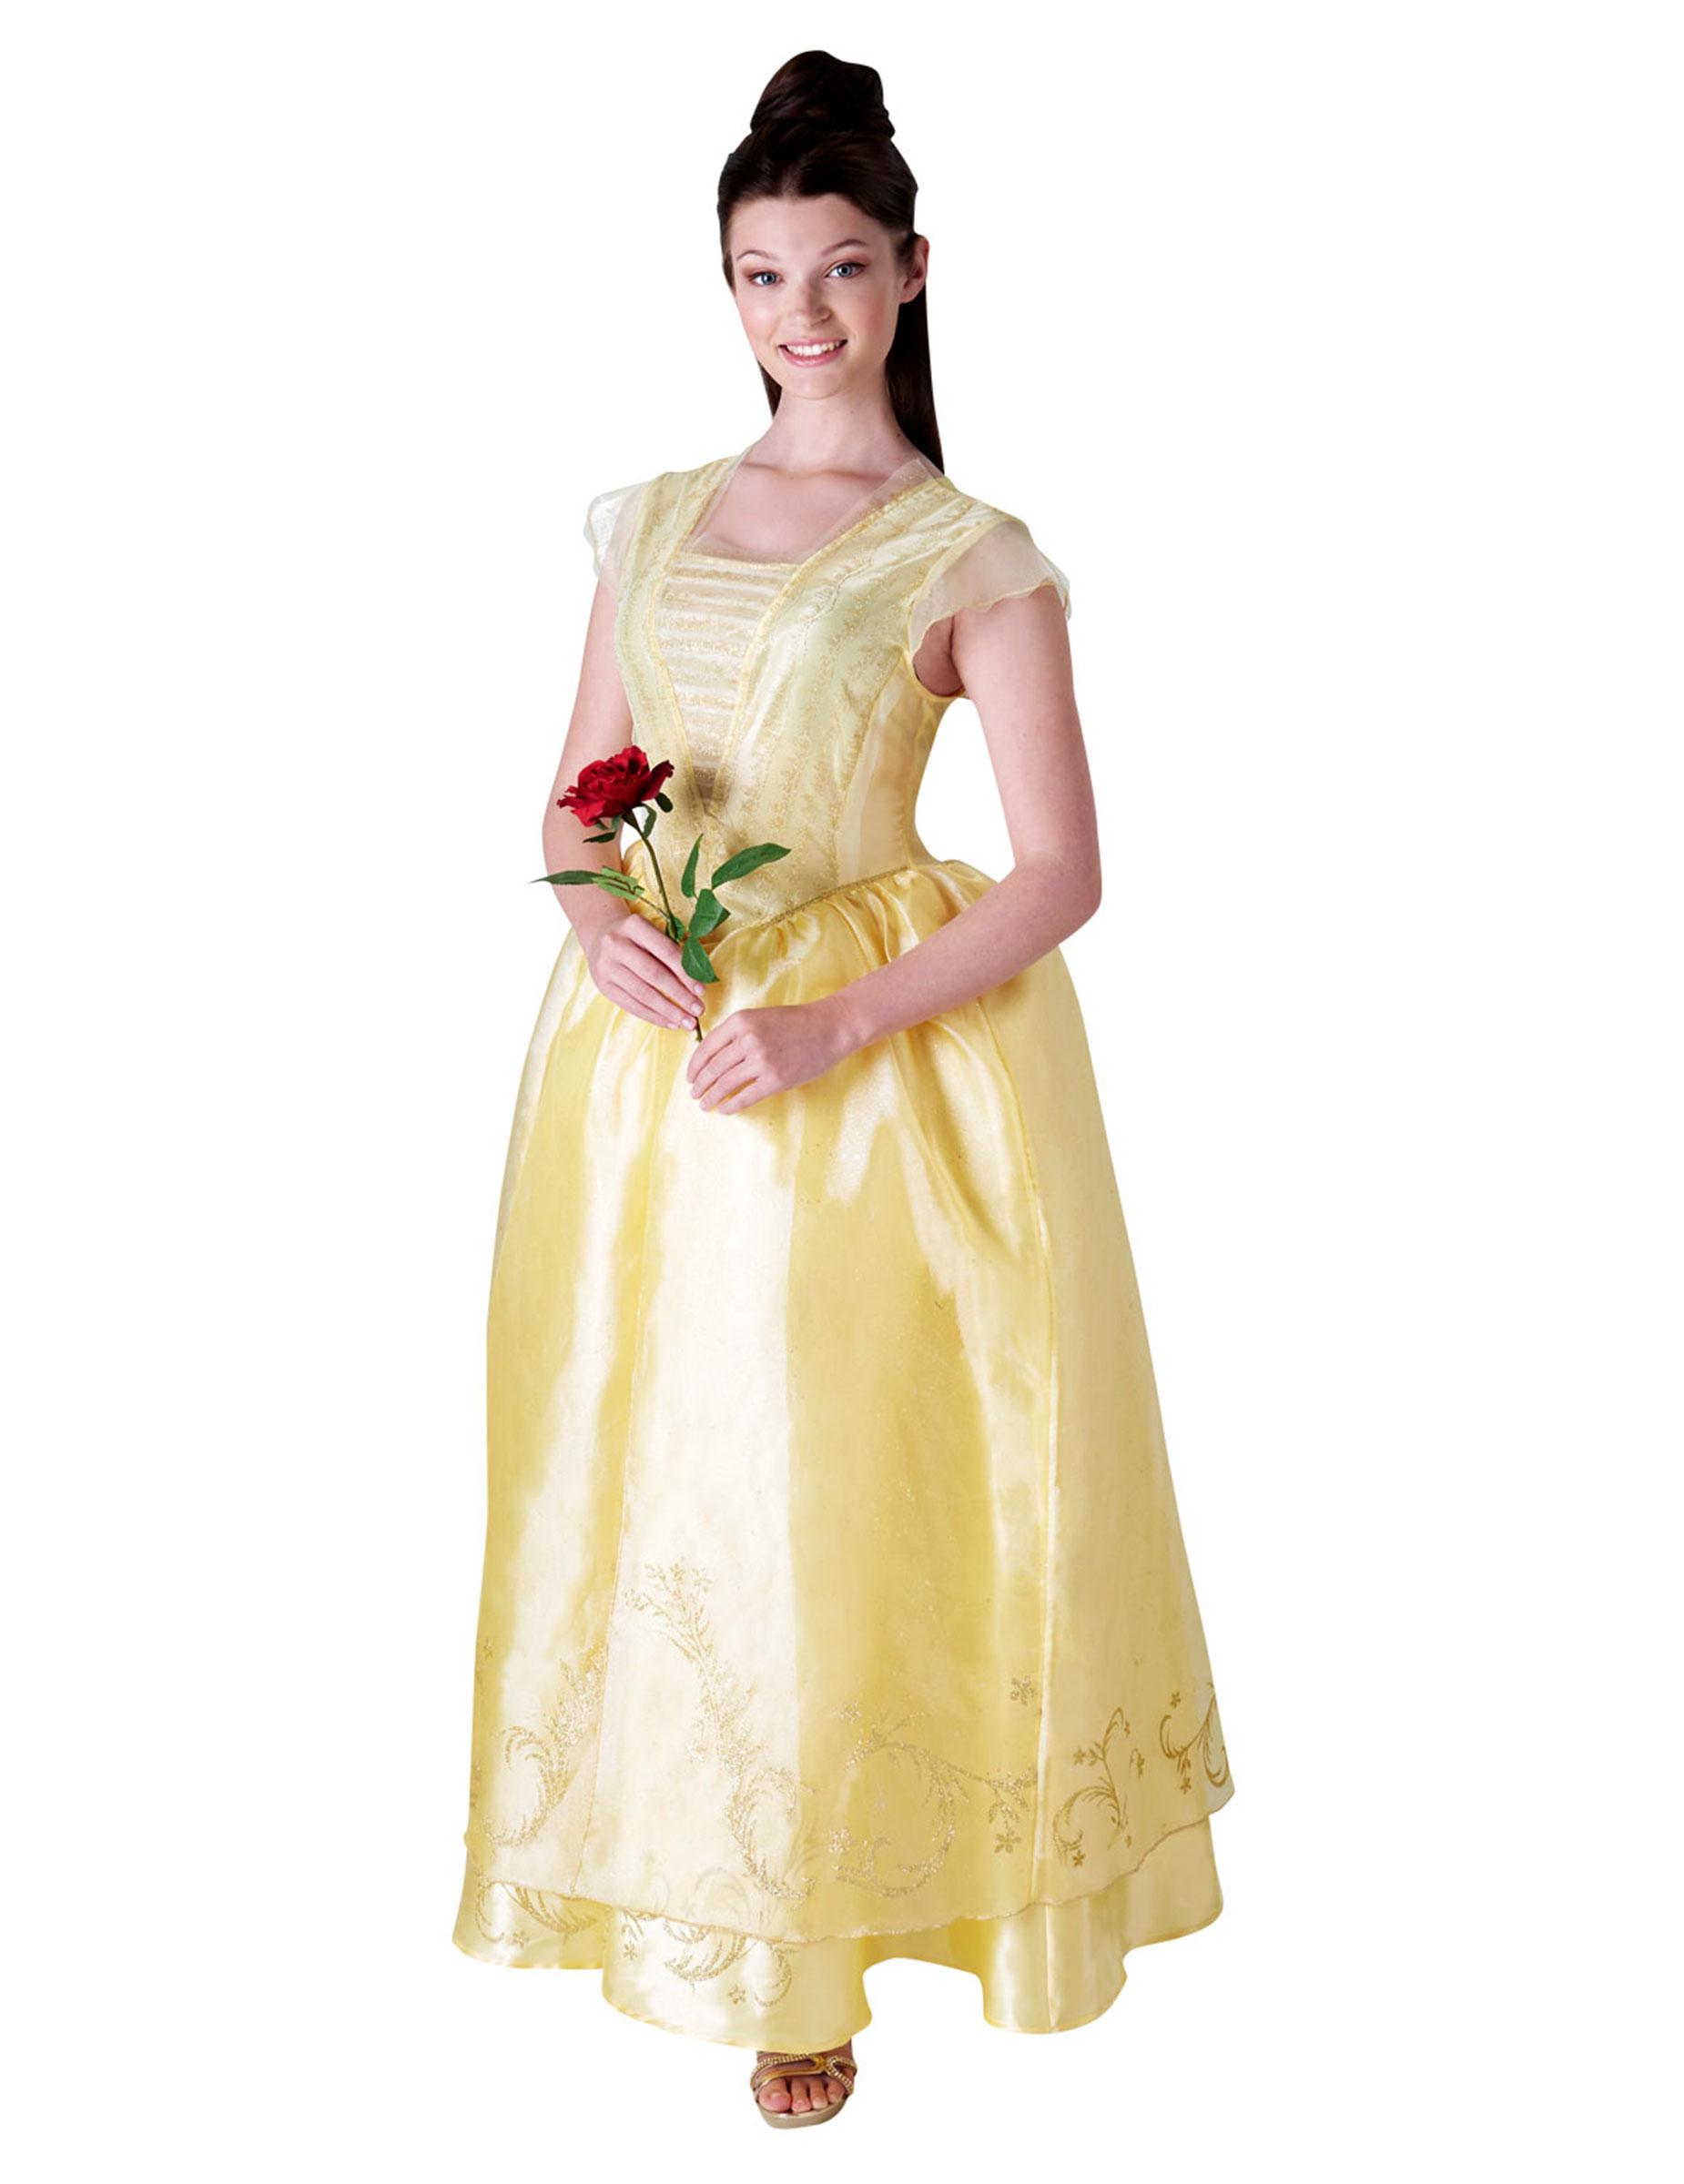 60% Freigabe Rabatt-Sammlung stabile Qualität Belle™-Kostüm für Damen Disney™-Lizenz-Verkleidung gelb